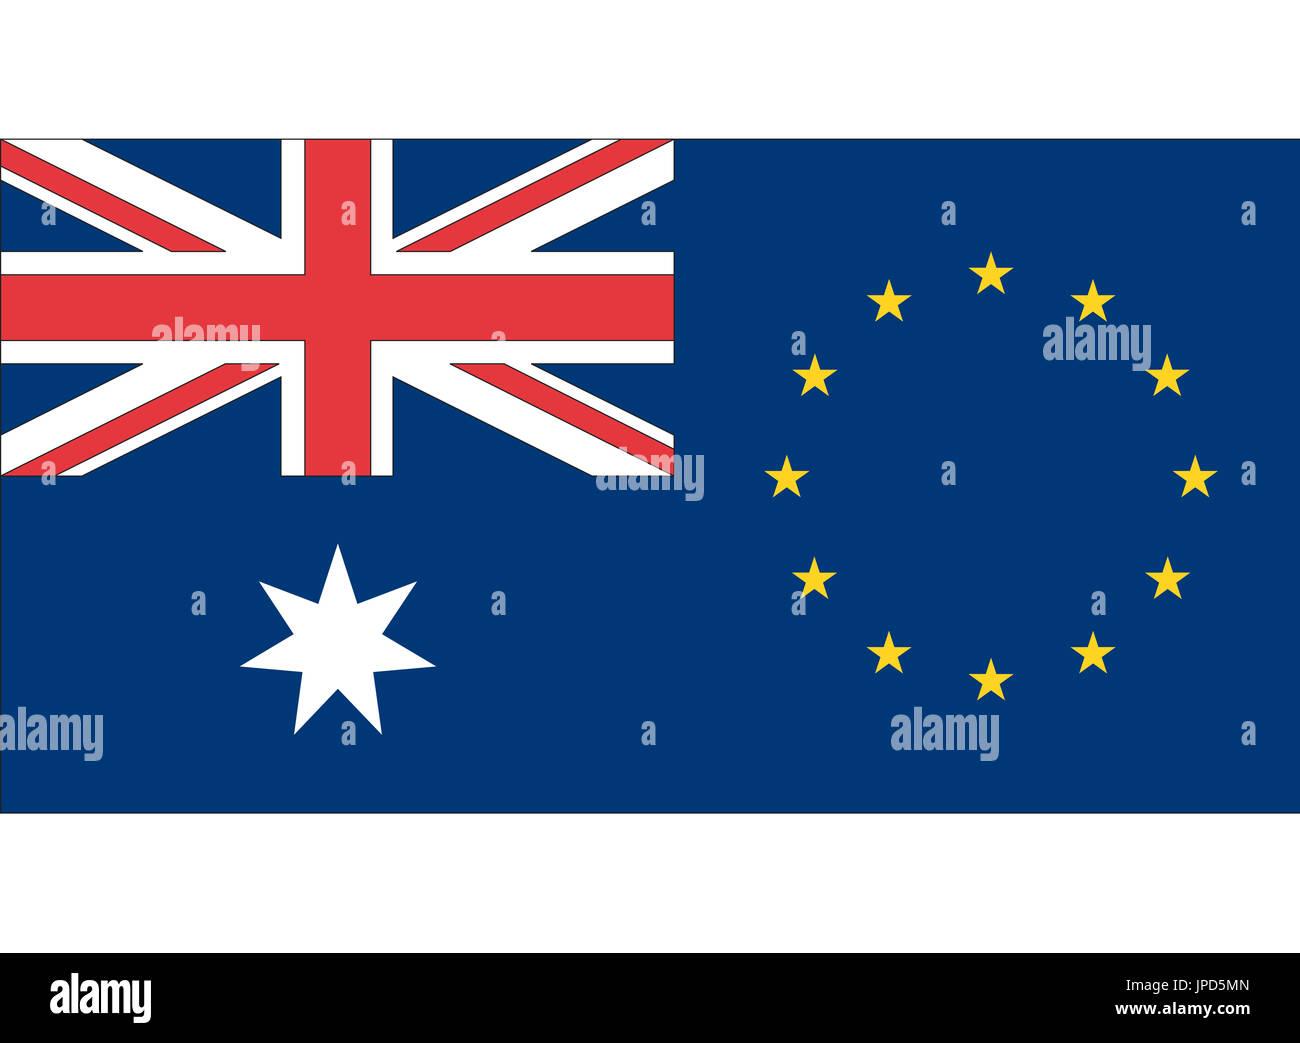 Eu Australia Free Trade Agreement Stock Photos Eu Australia Free